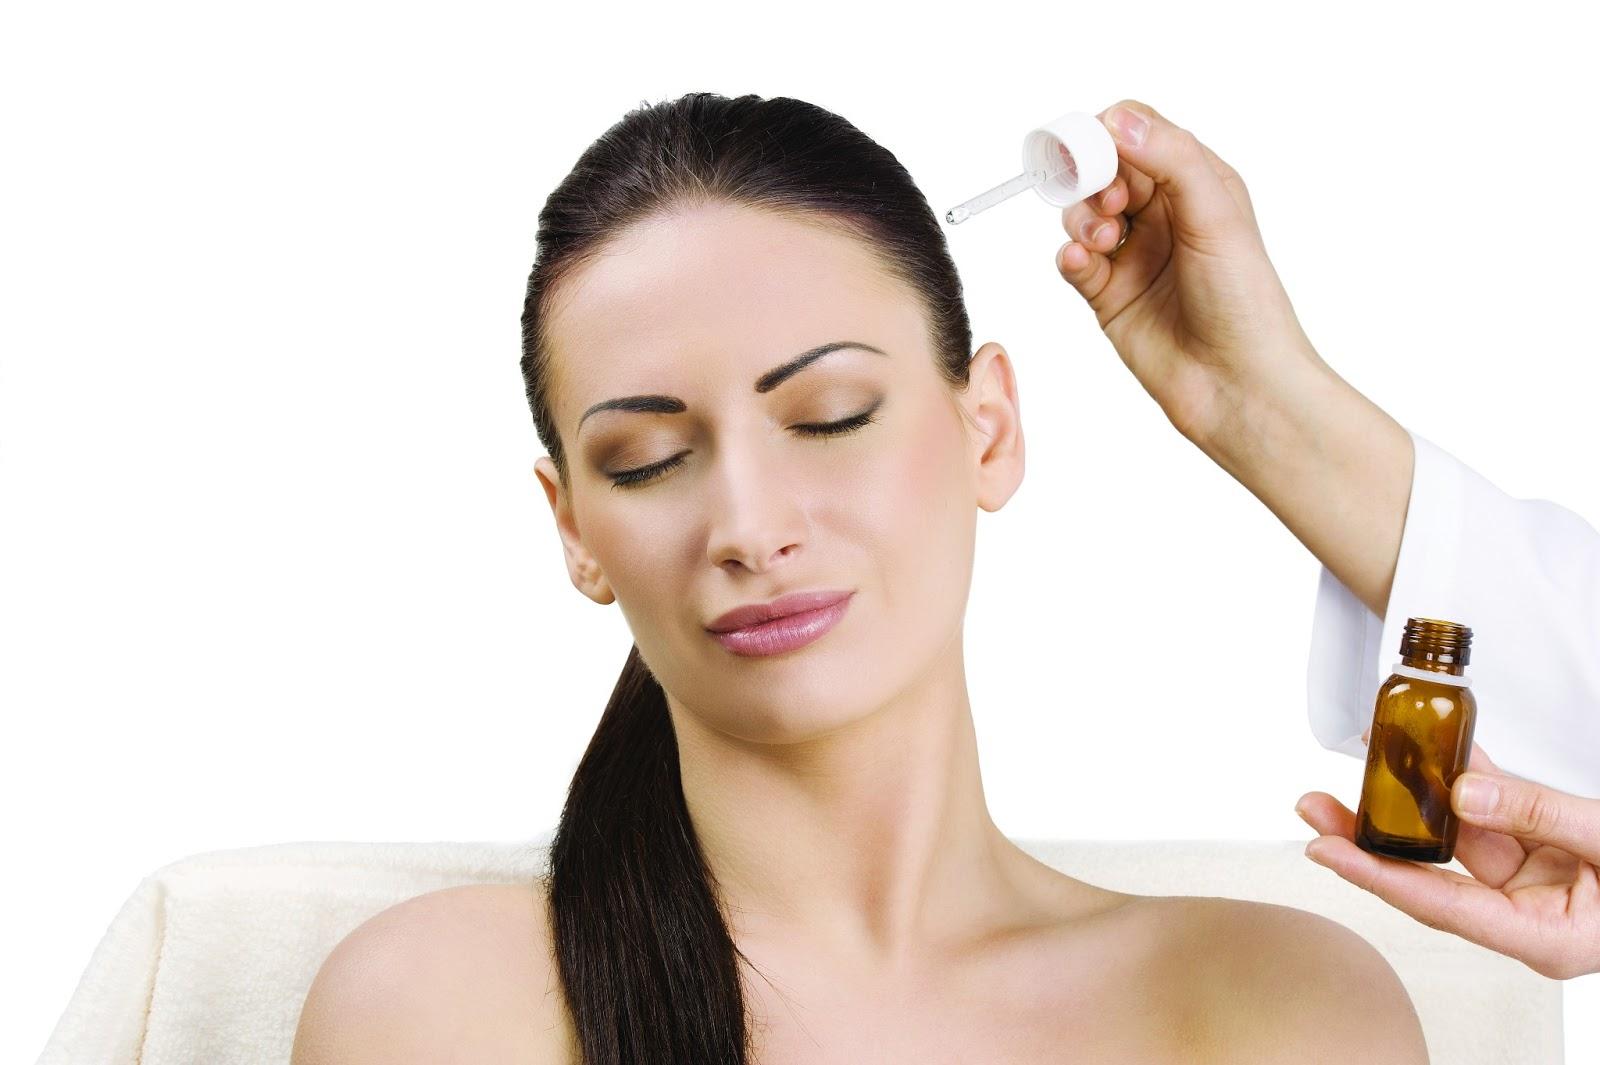 Народные средства от выпадения волос: лечим волосы эффективно